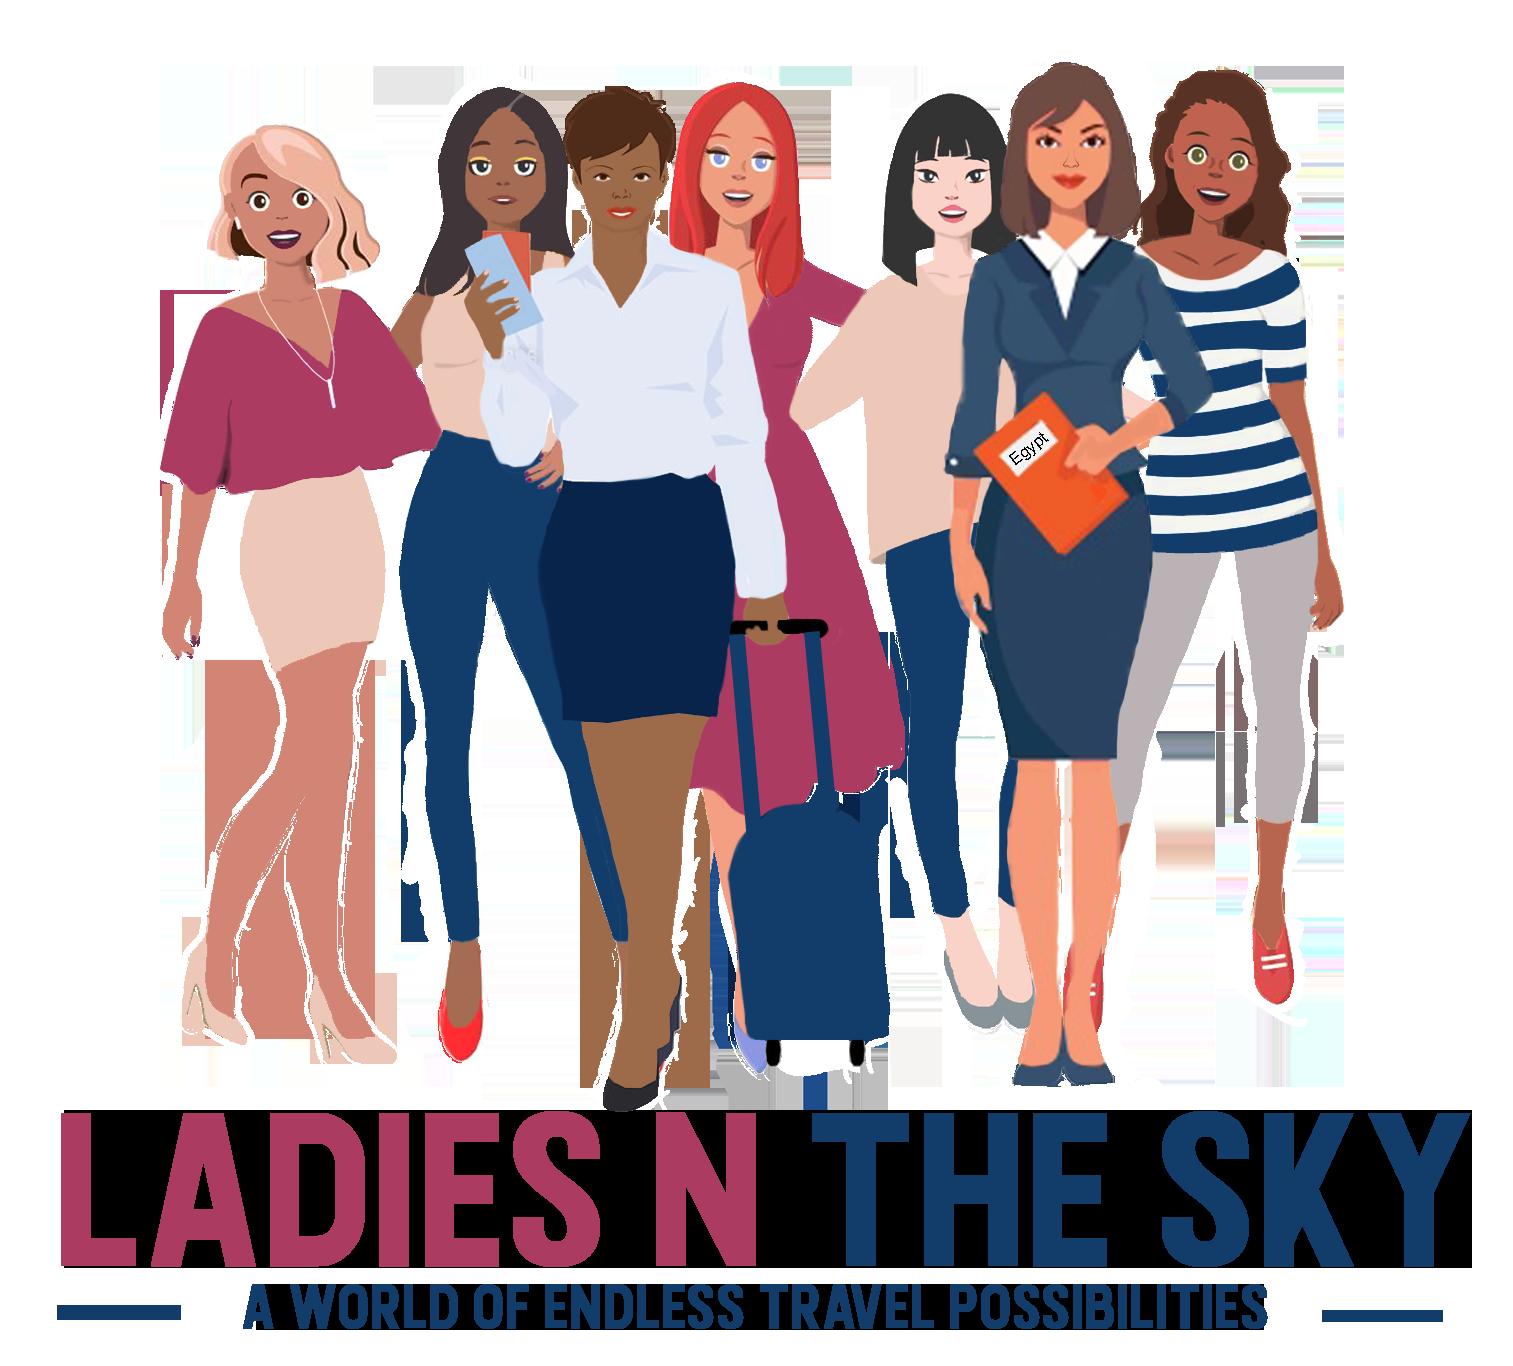 Ladies N The Sky